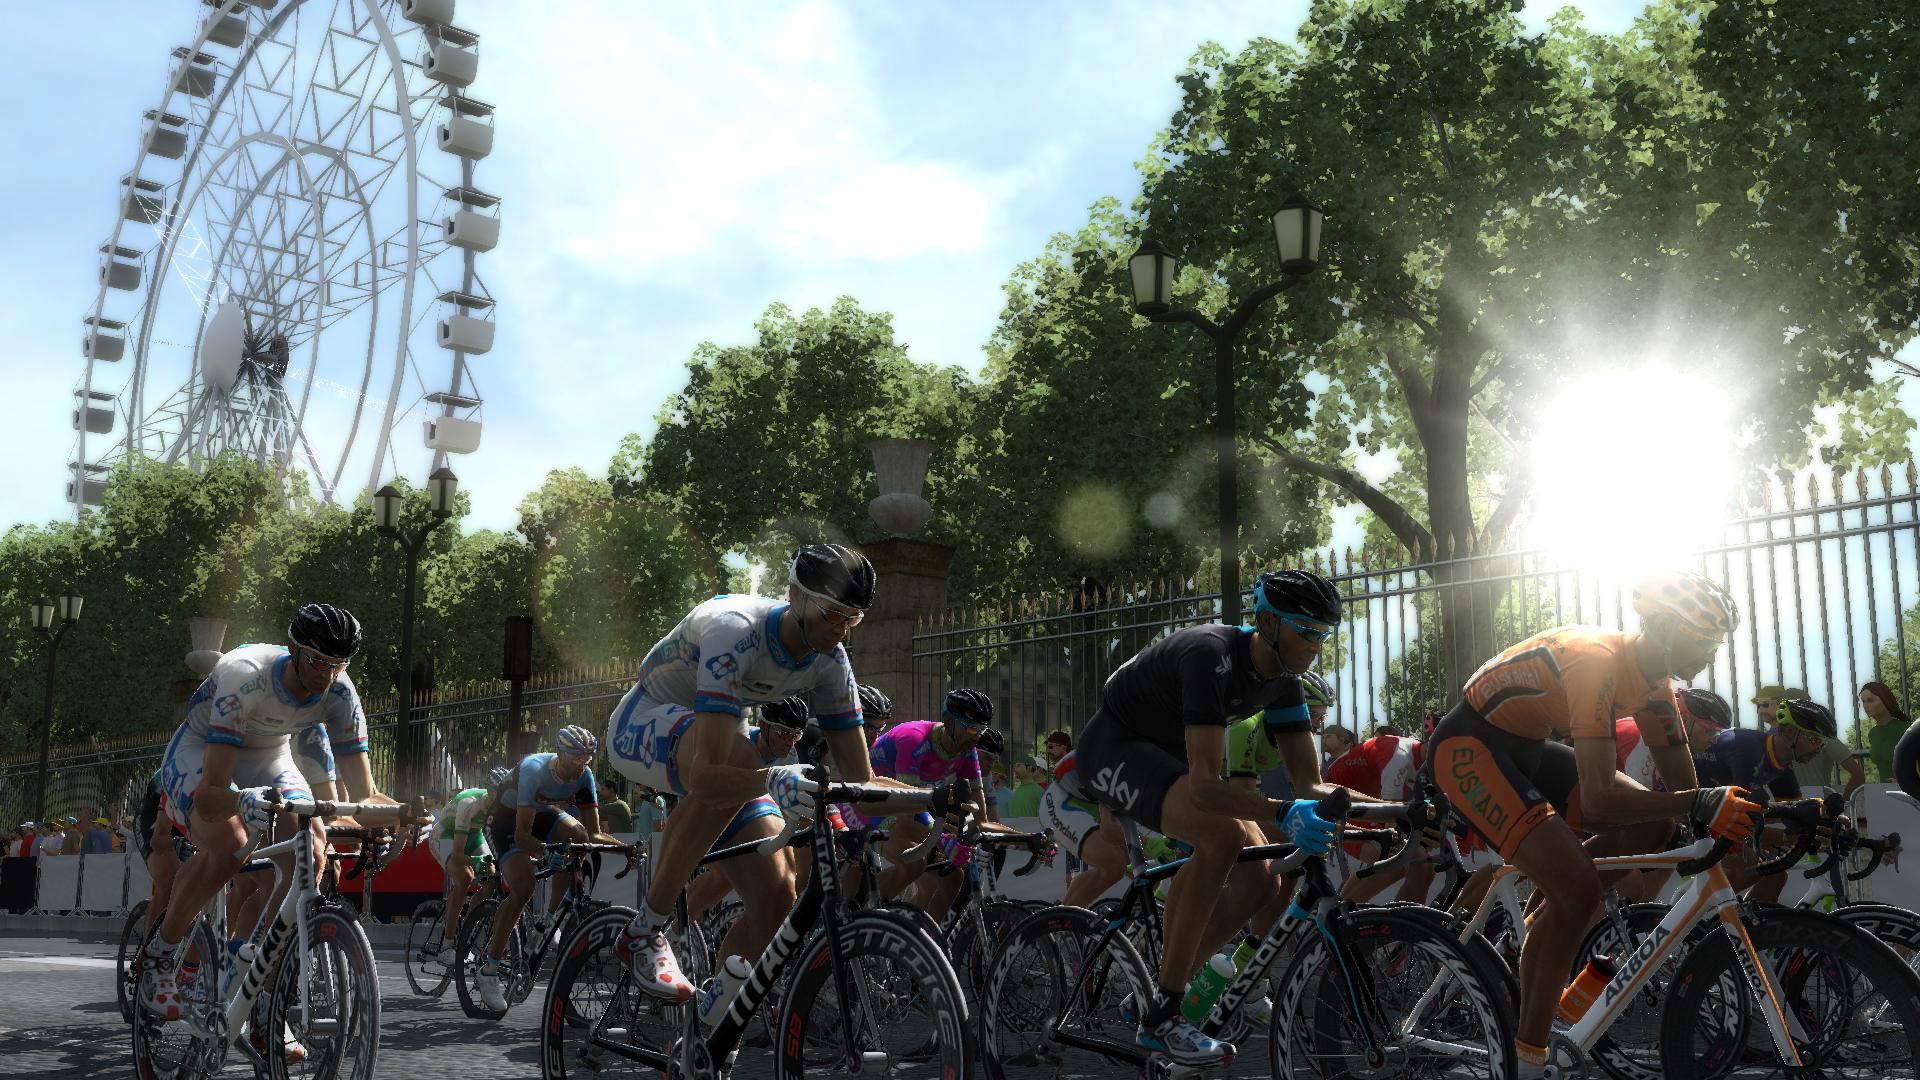 Le Tour De France 2013 - 100th Edition Review 3